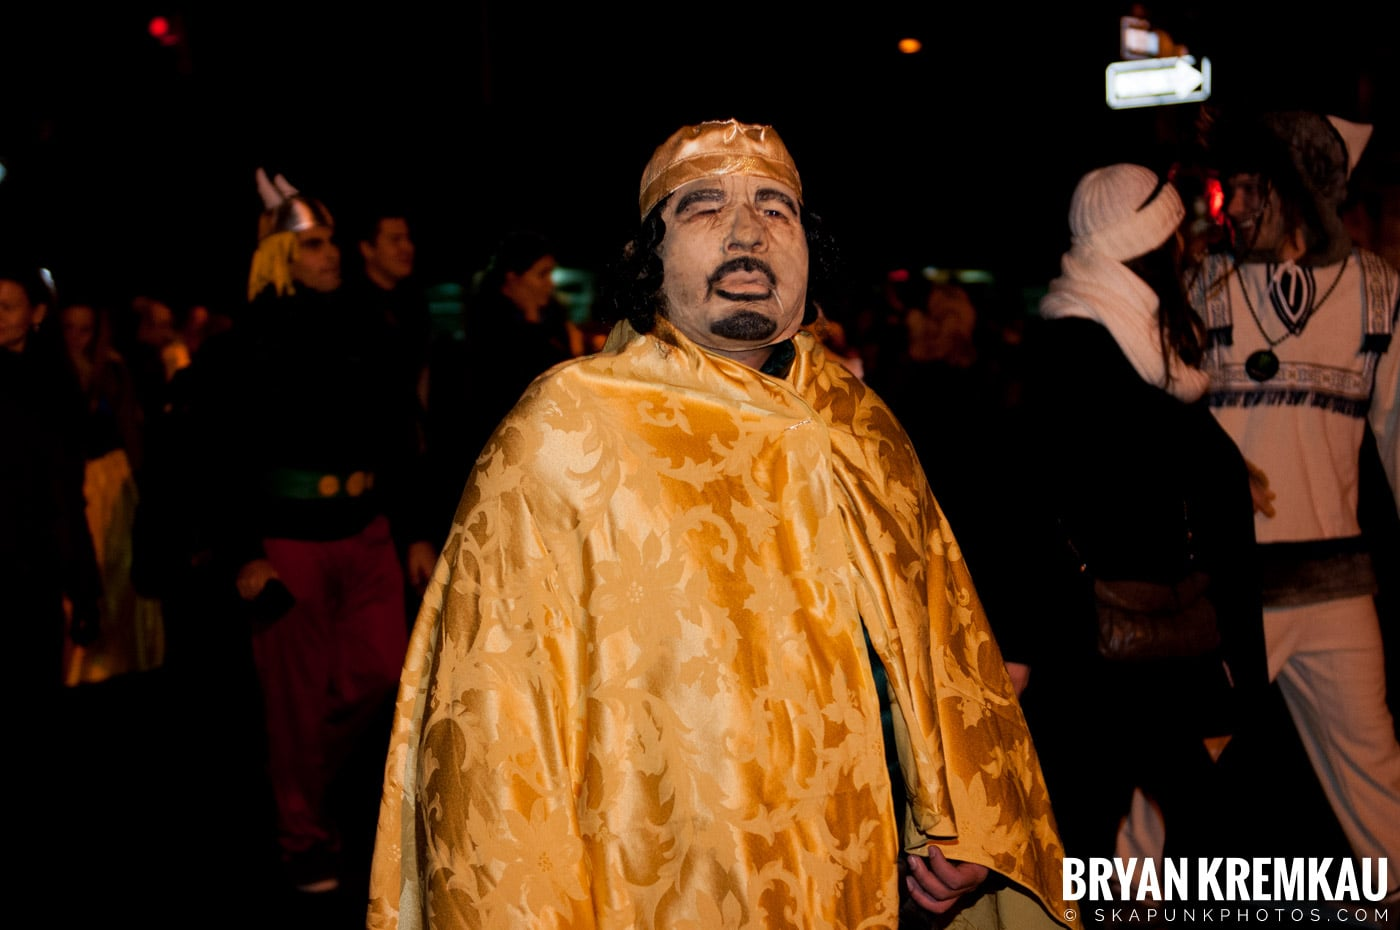 NYC Halloween Parade 2011 @ New York, NY - 10.31.11 (60)